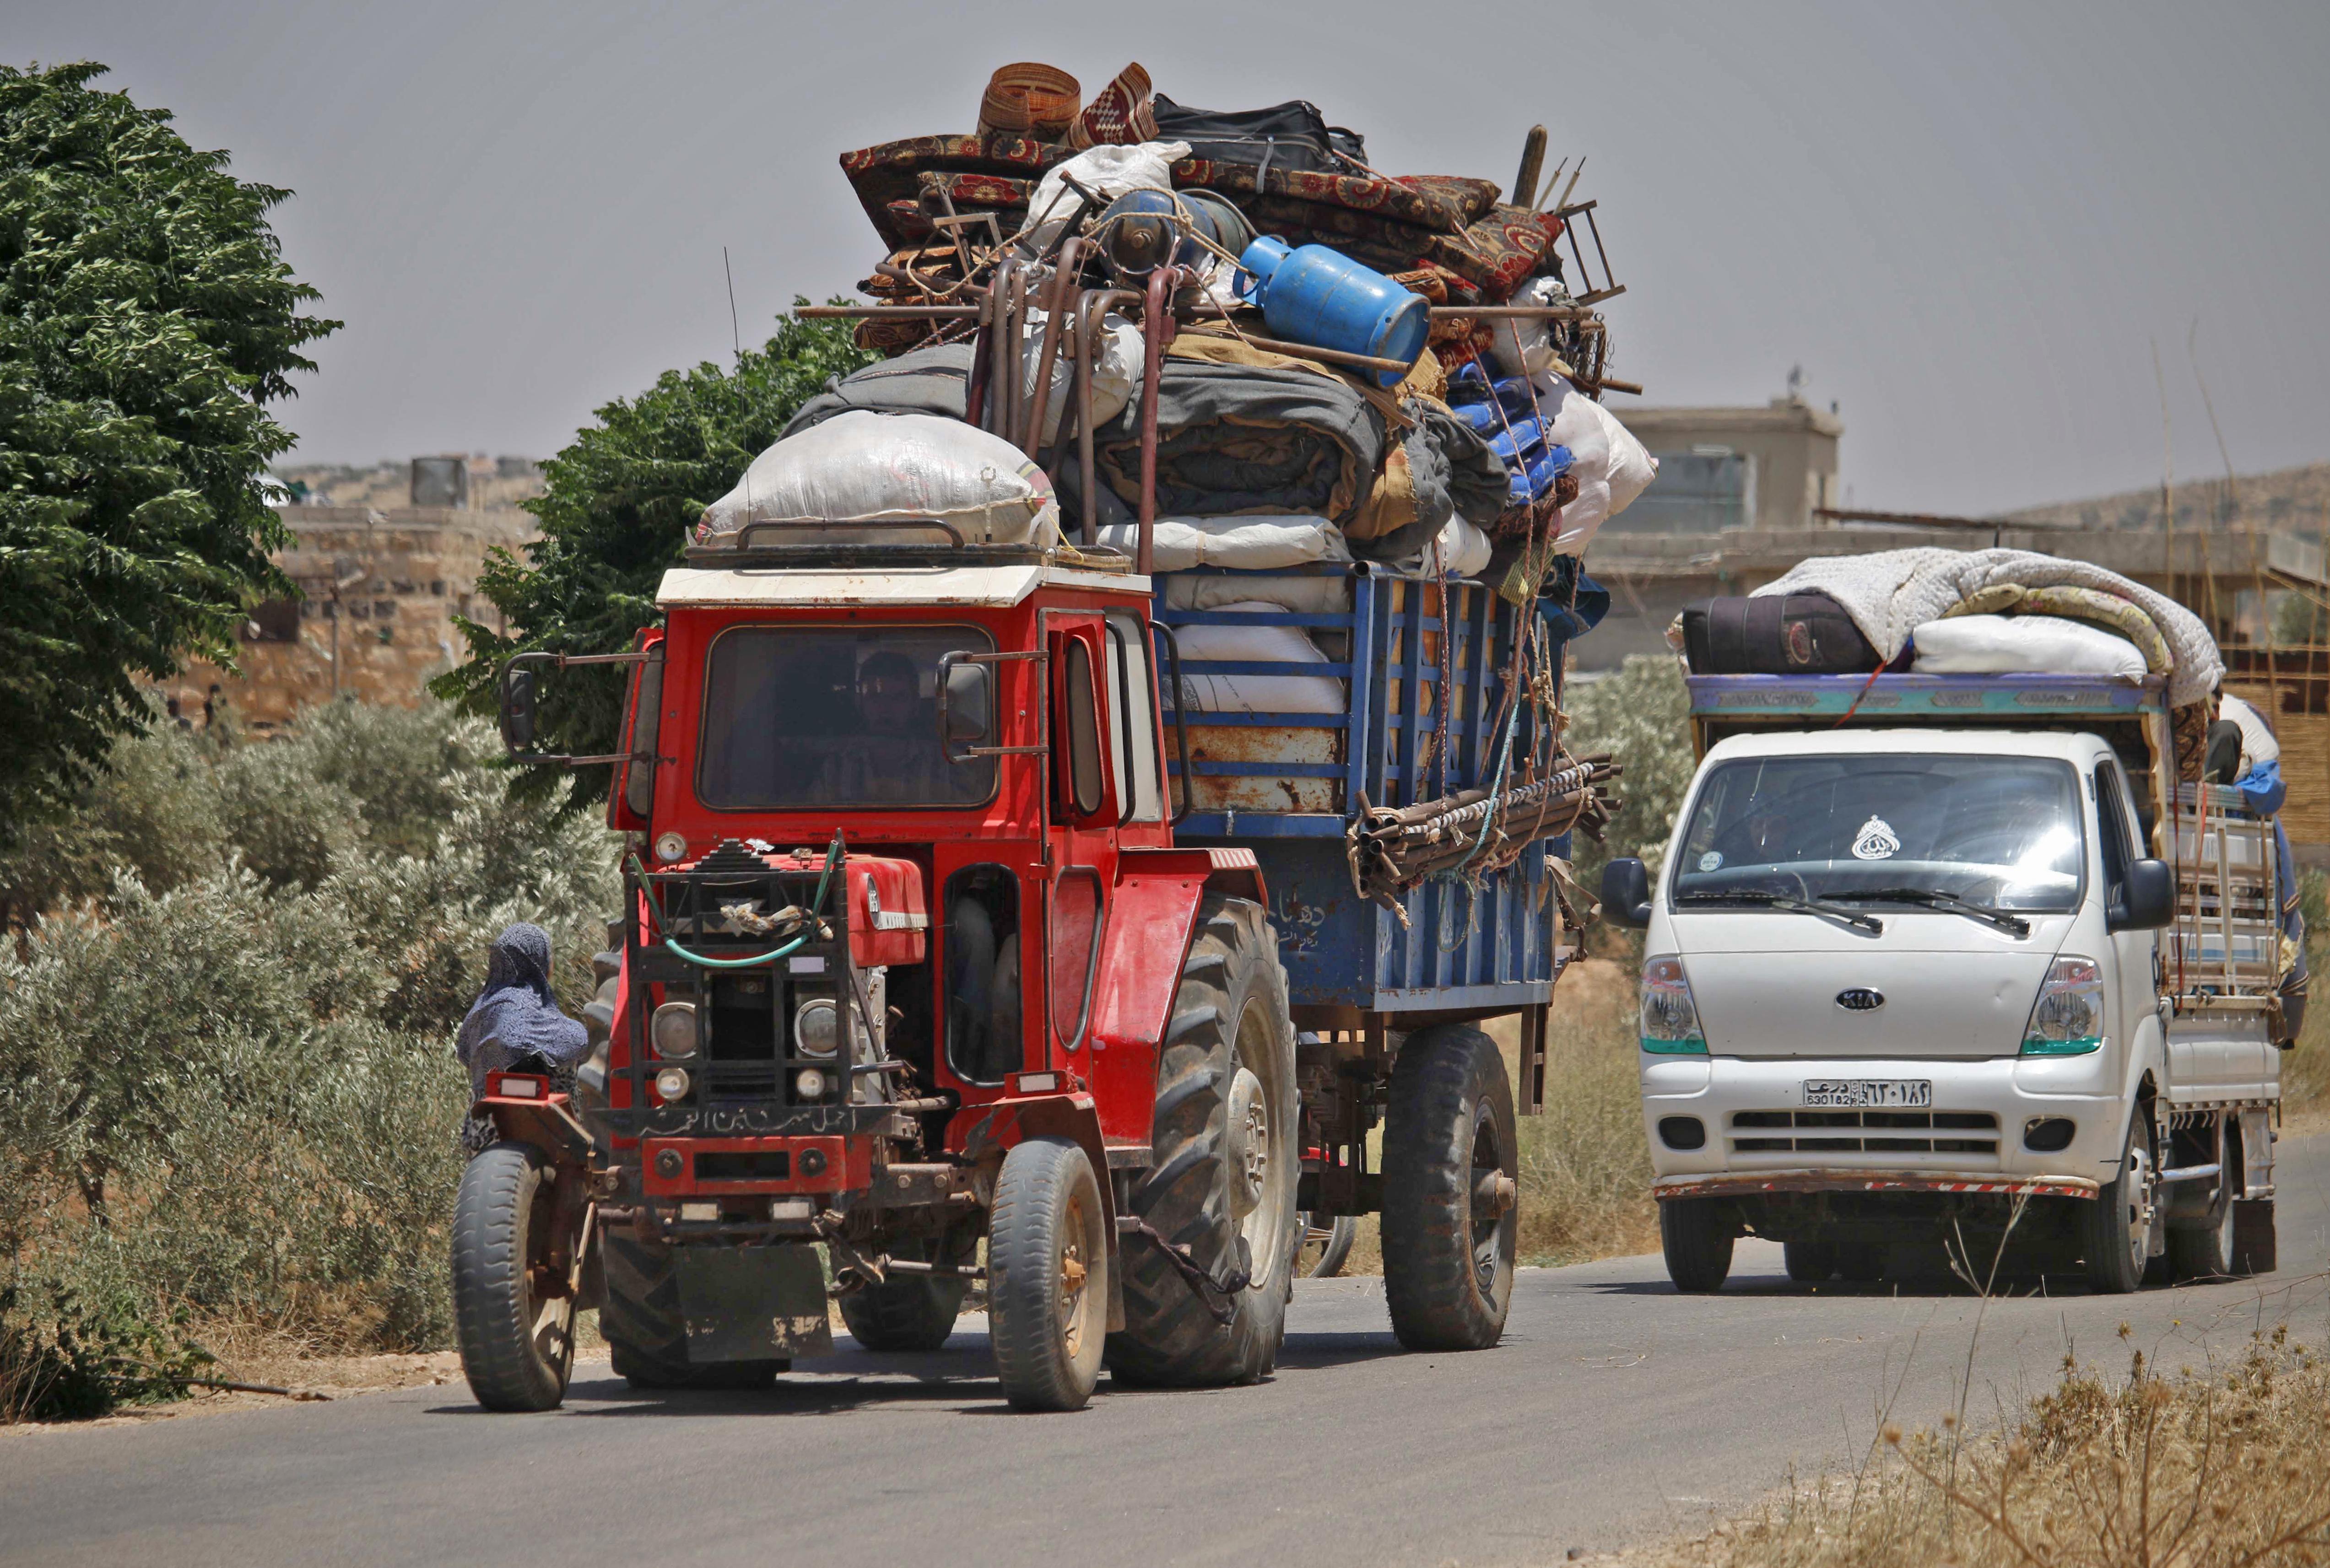 نازحون يستقلون جرارا زراعيا وشاحنة هربا من مناطق القتال في جنوب غرب سورية.